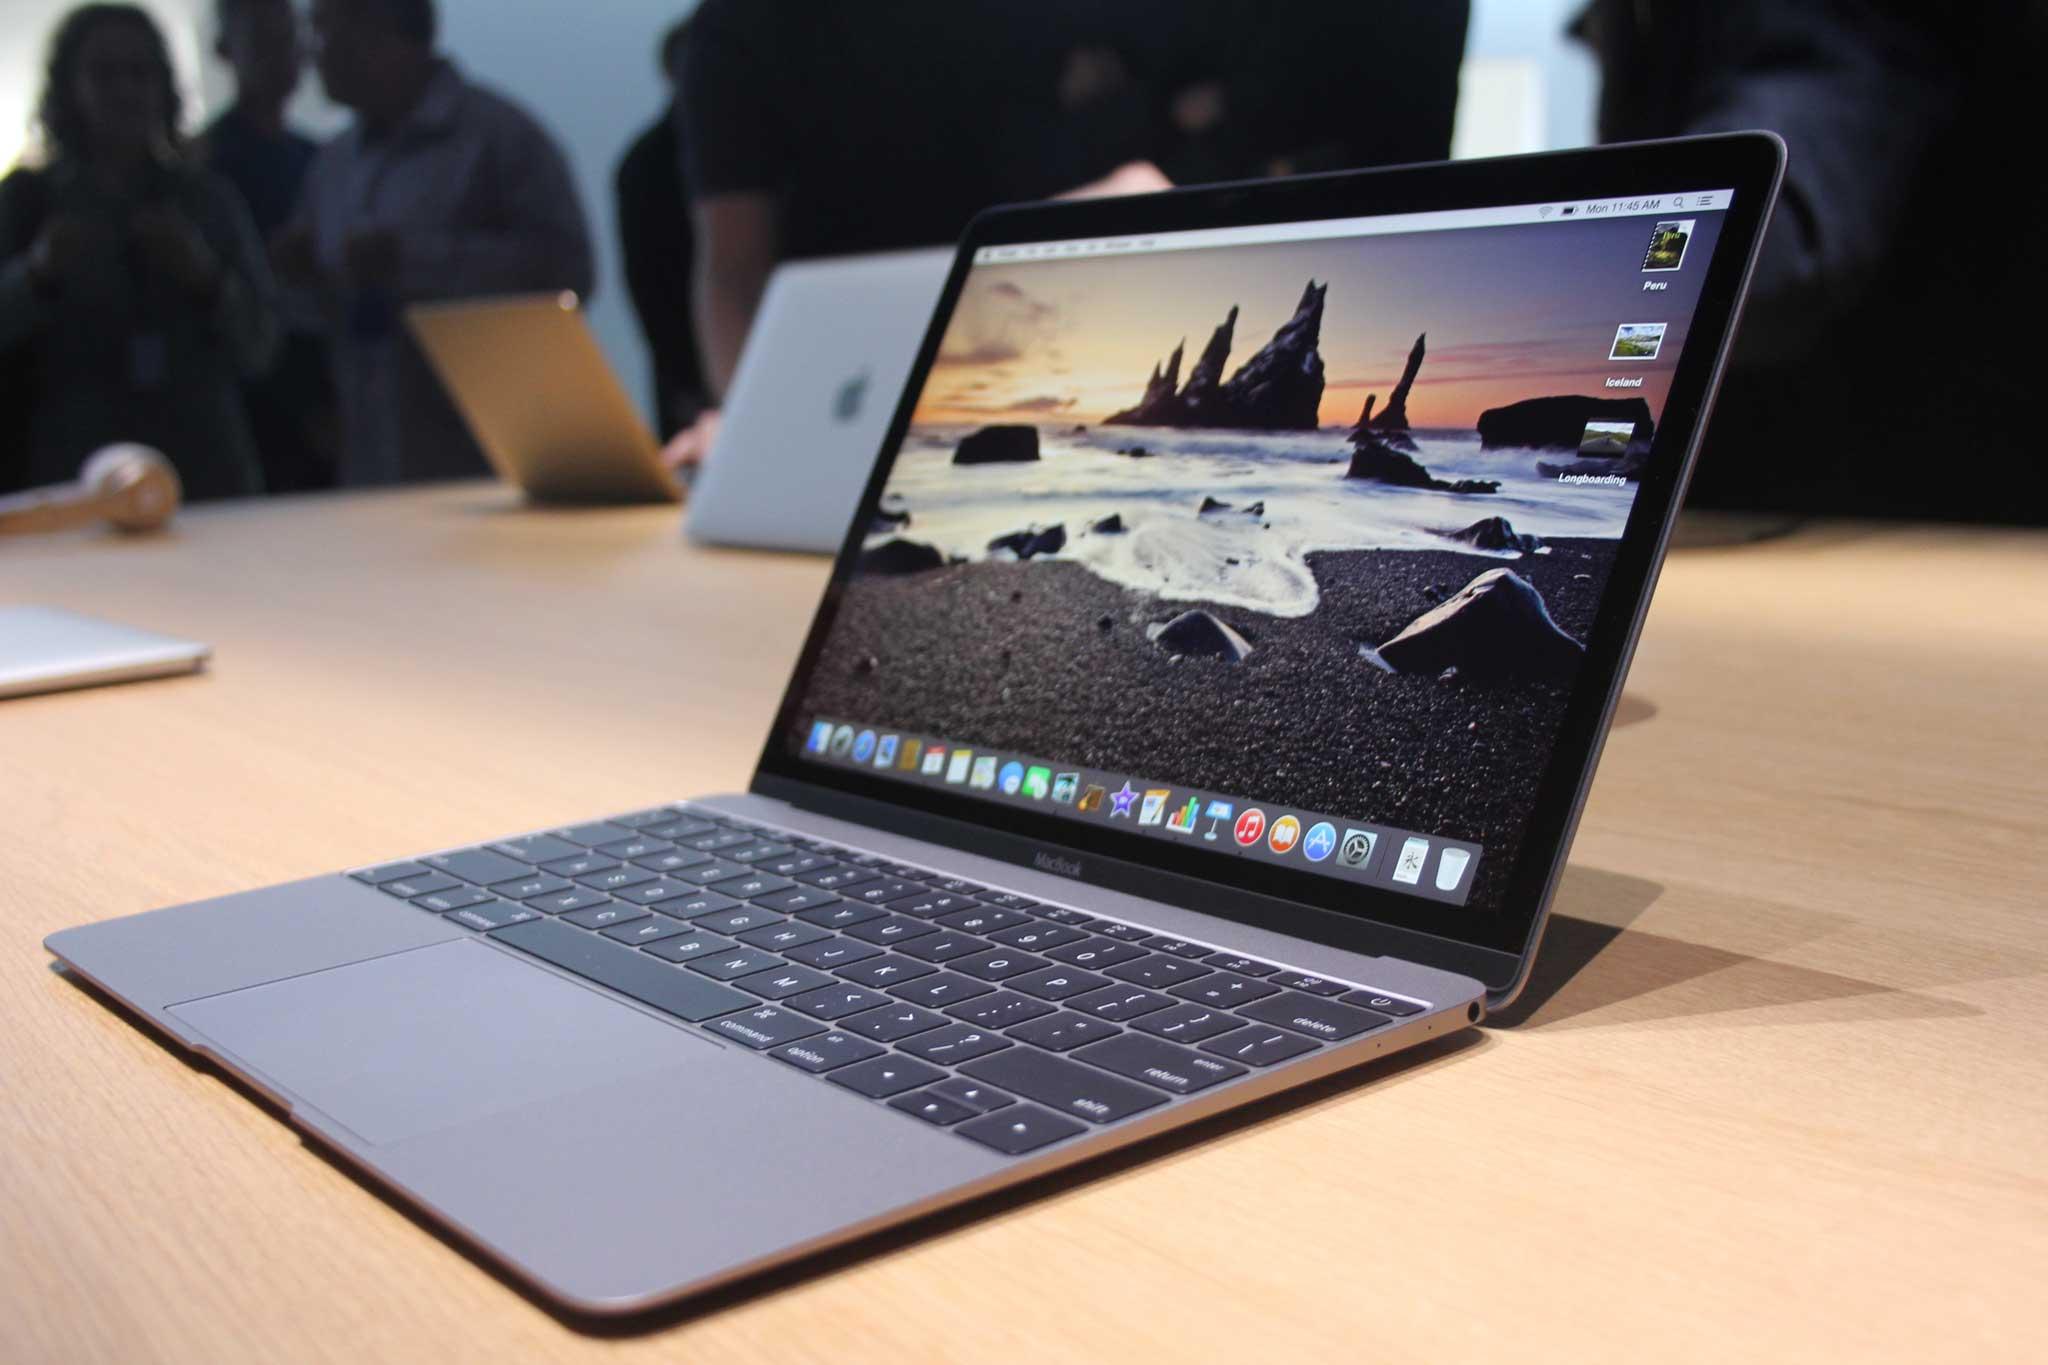 reparar macbook en madrid chamartin - reparar macbook en madrid - pcmadrid - ampliar macbook en madrid